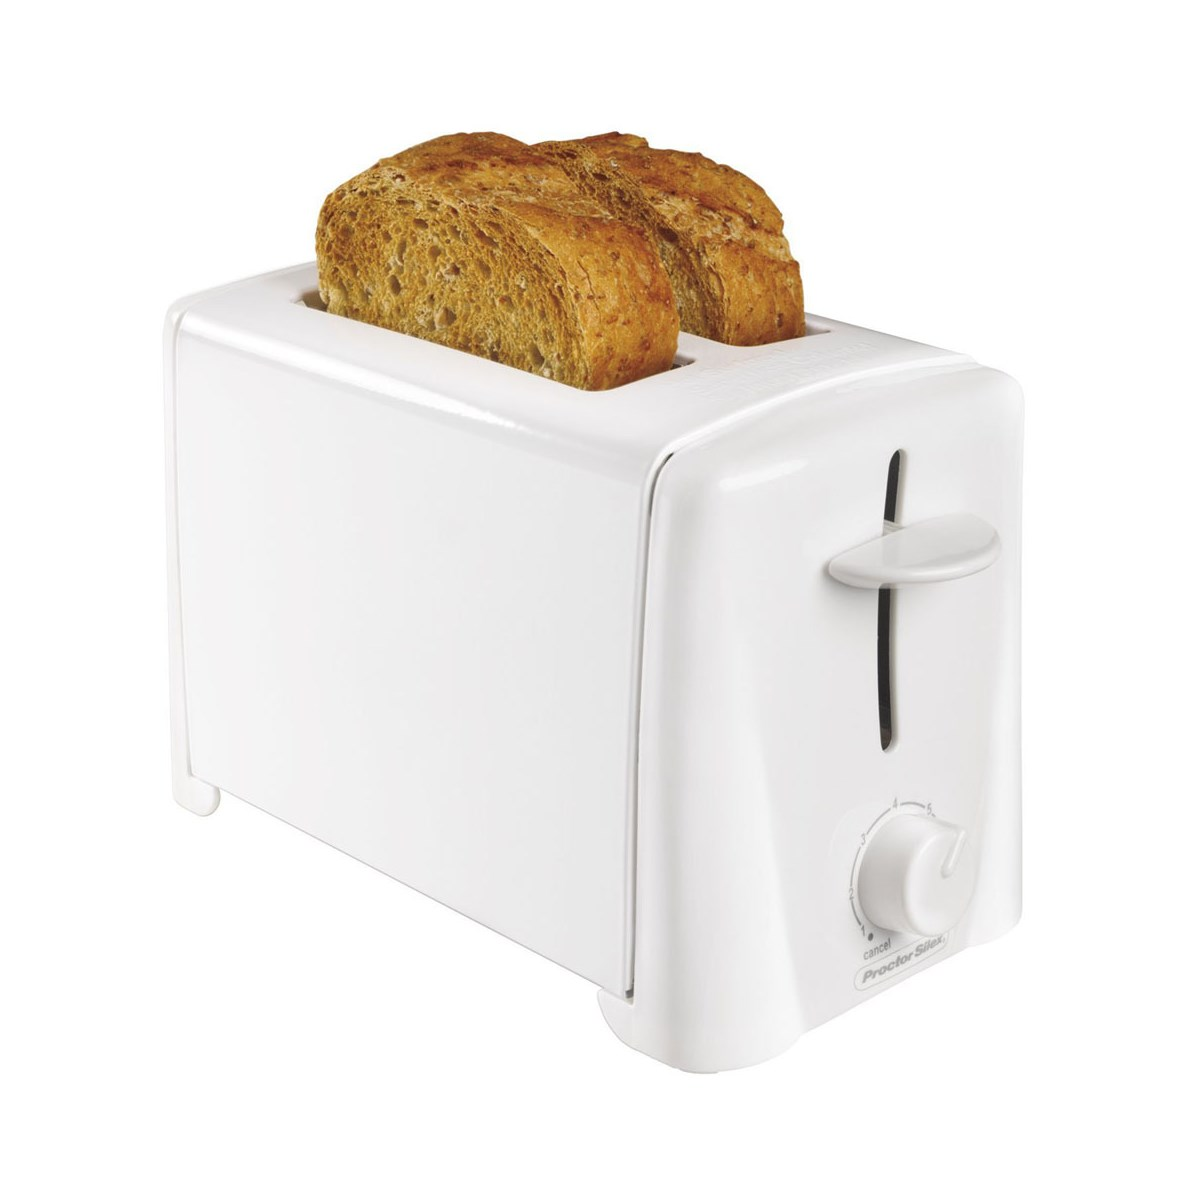 Proctor Silex 2-Slice Toaster White